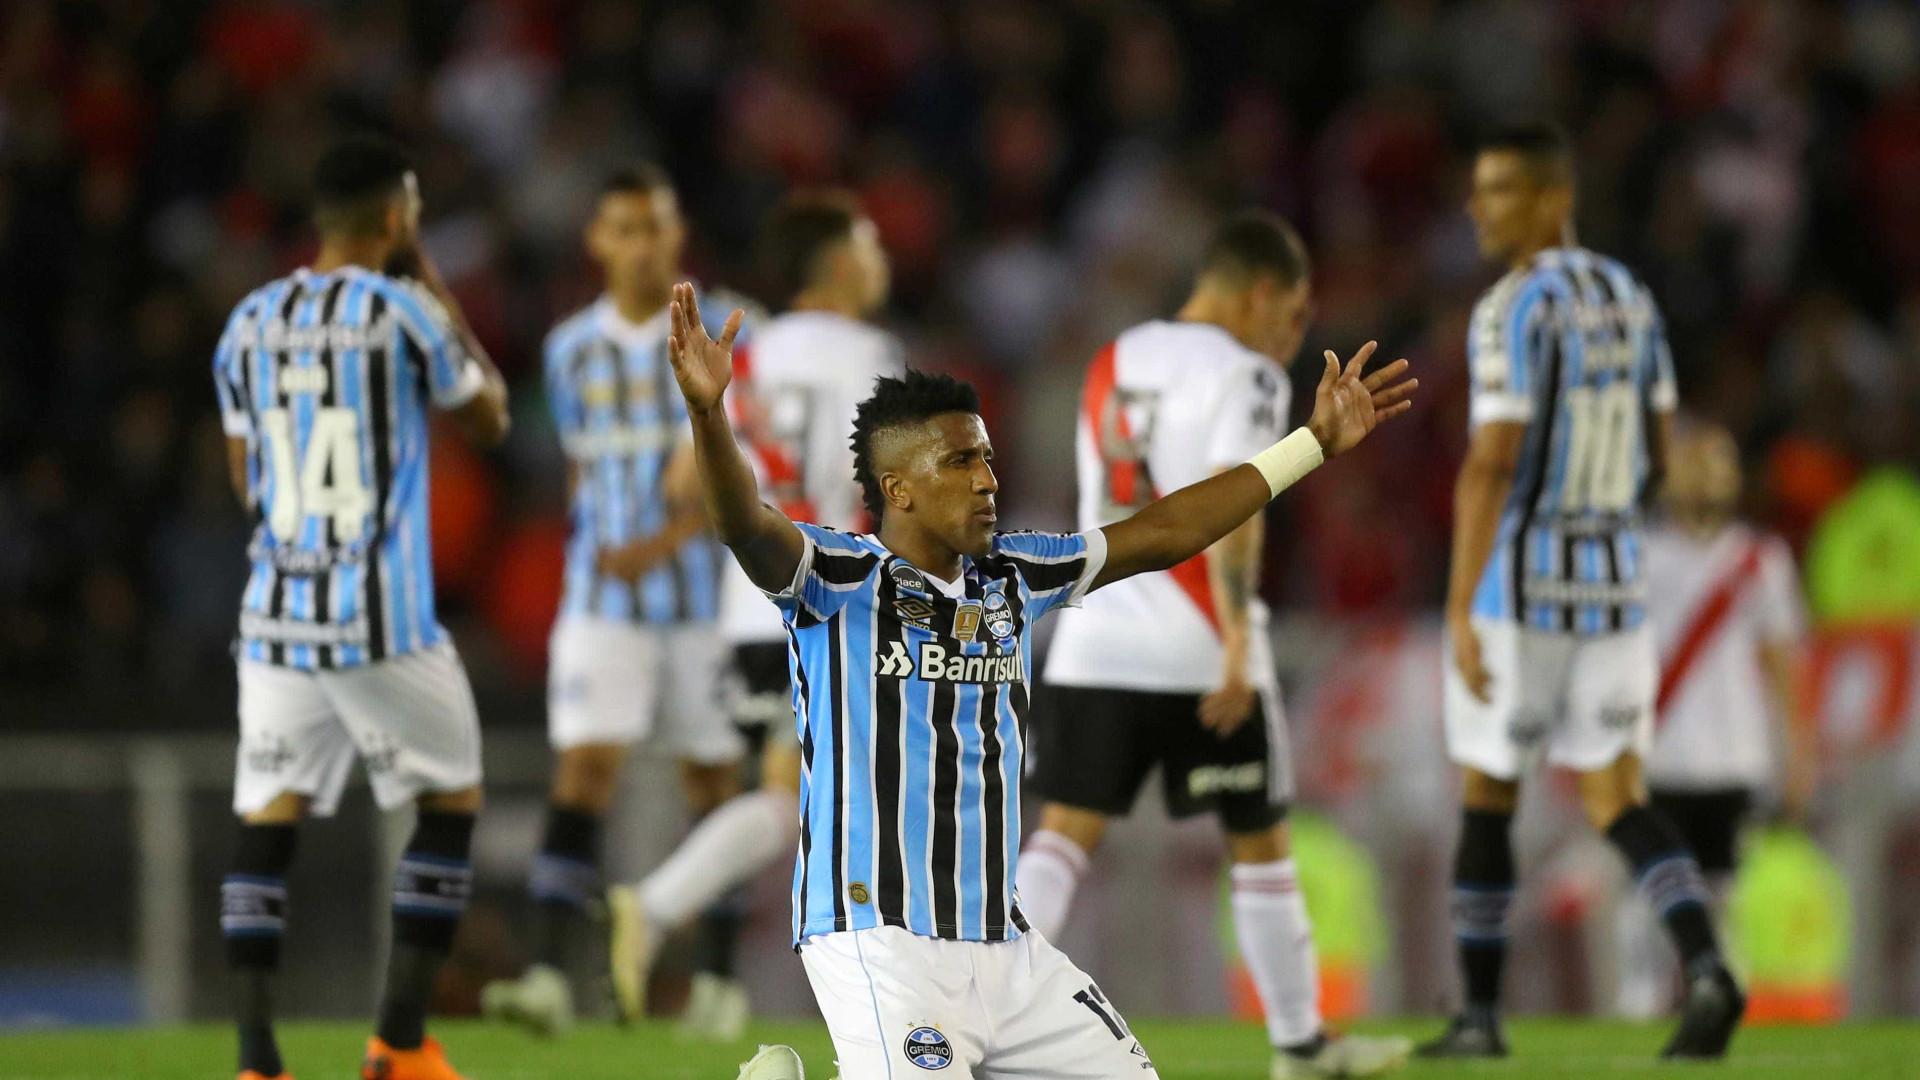 Brasil leva vantagem nos duelos contra argentinos na Libertadores